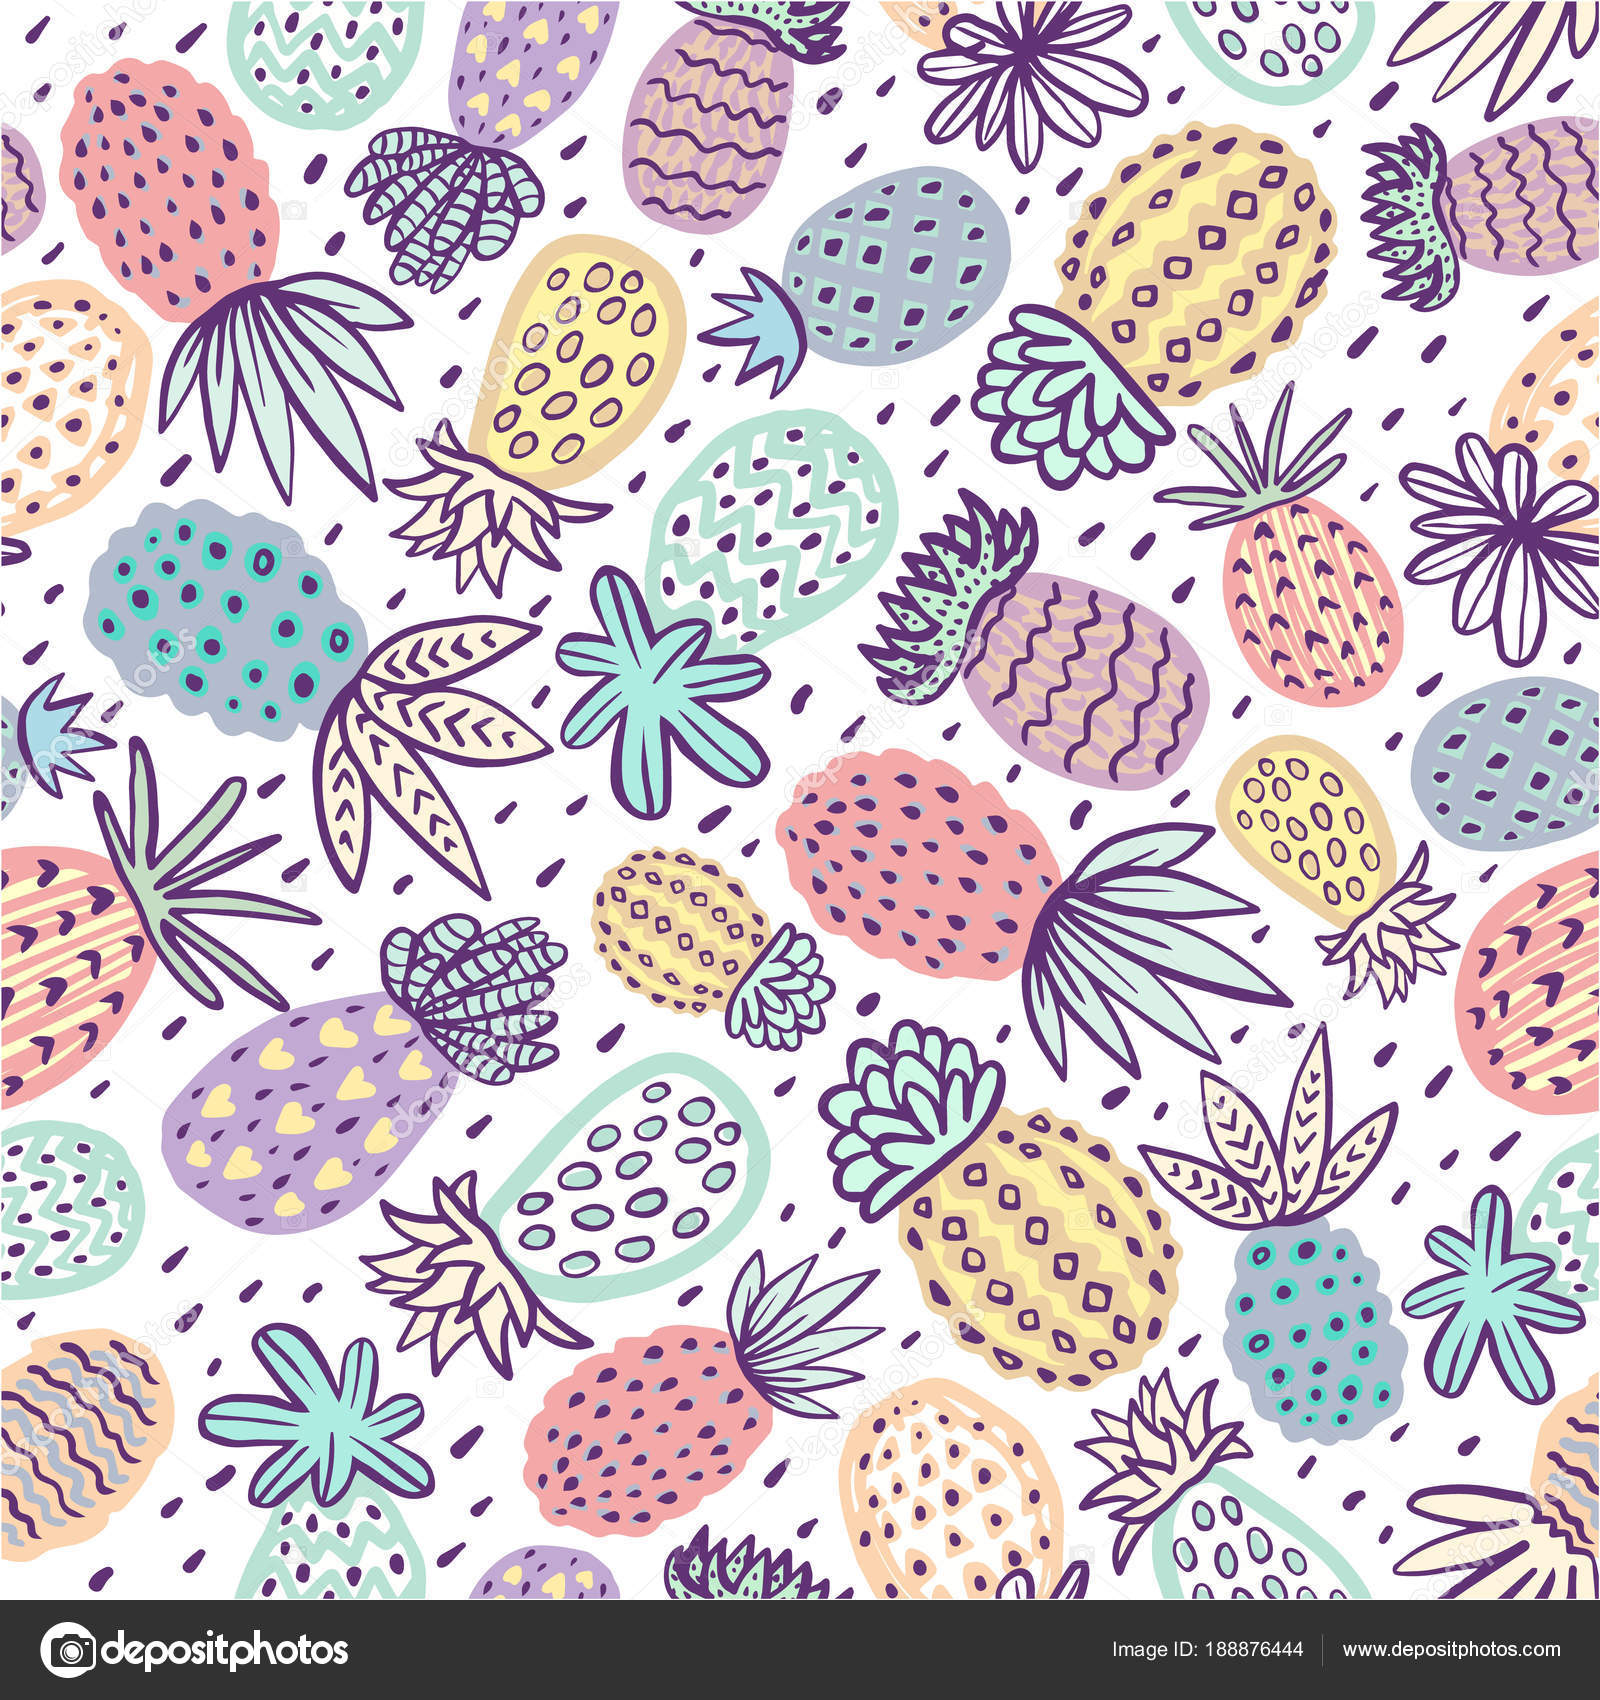 nahtlose ananas-muster. handdrawn pinapple mit unterschiedlichen